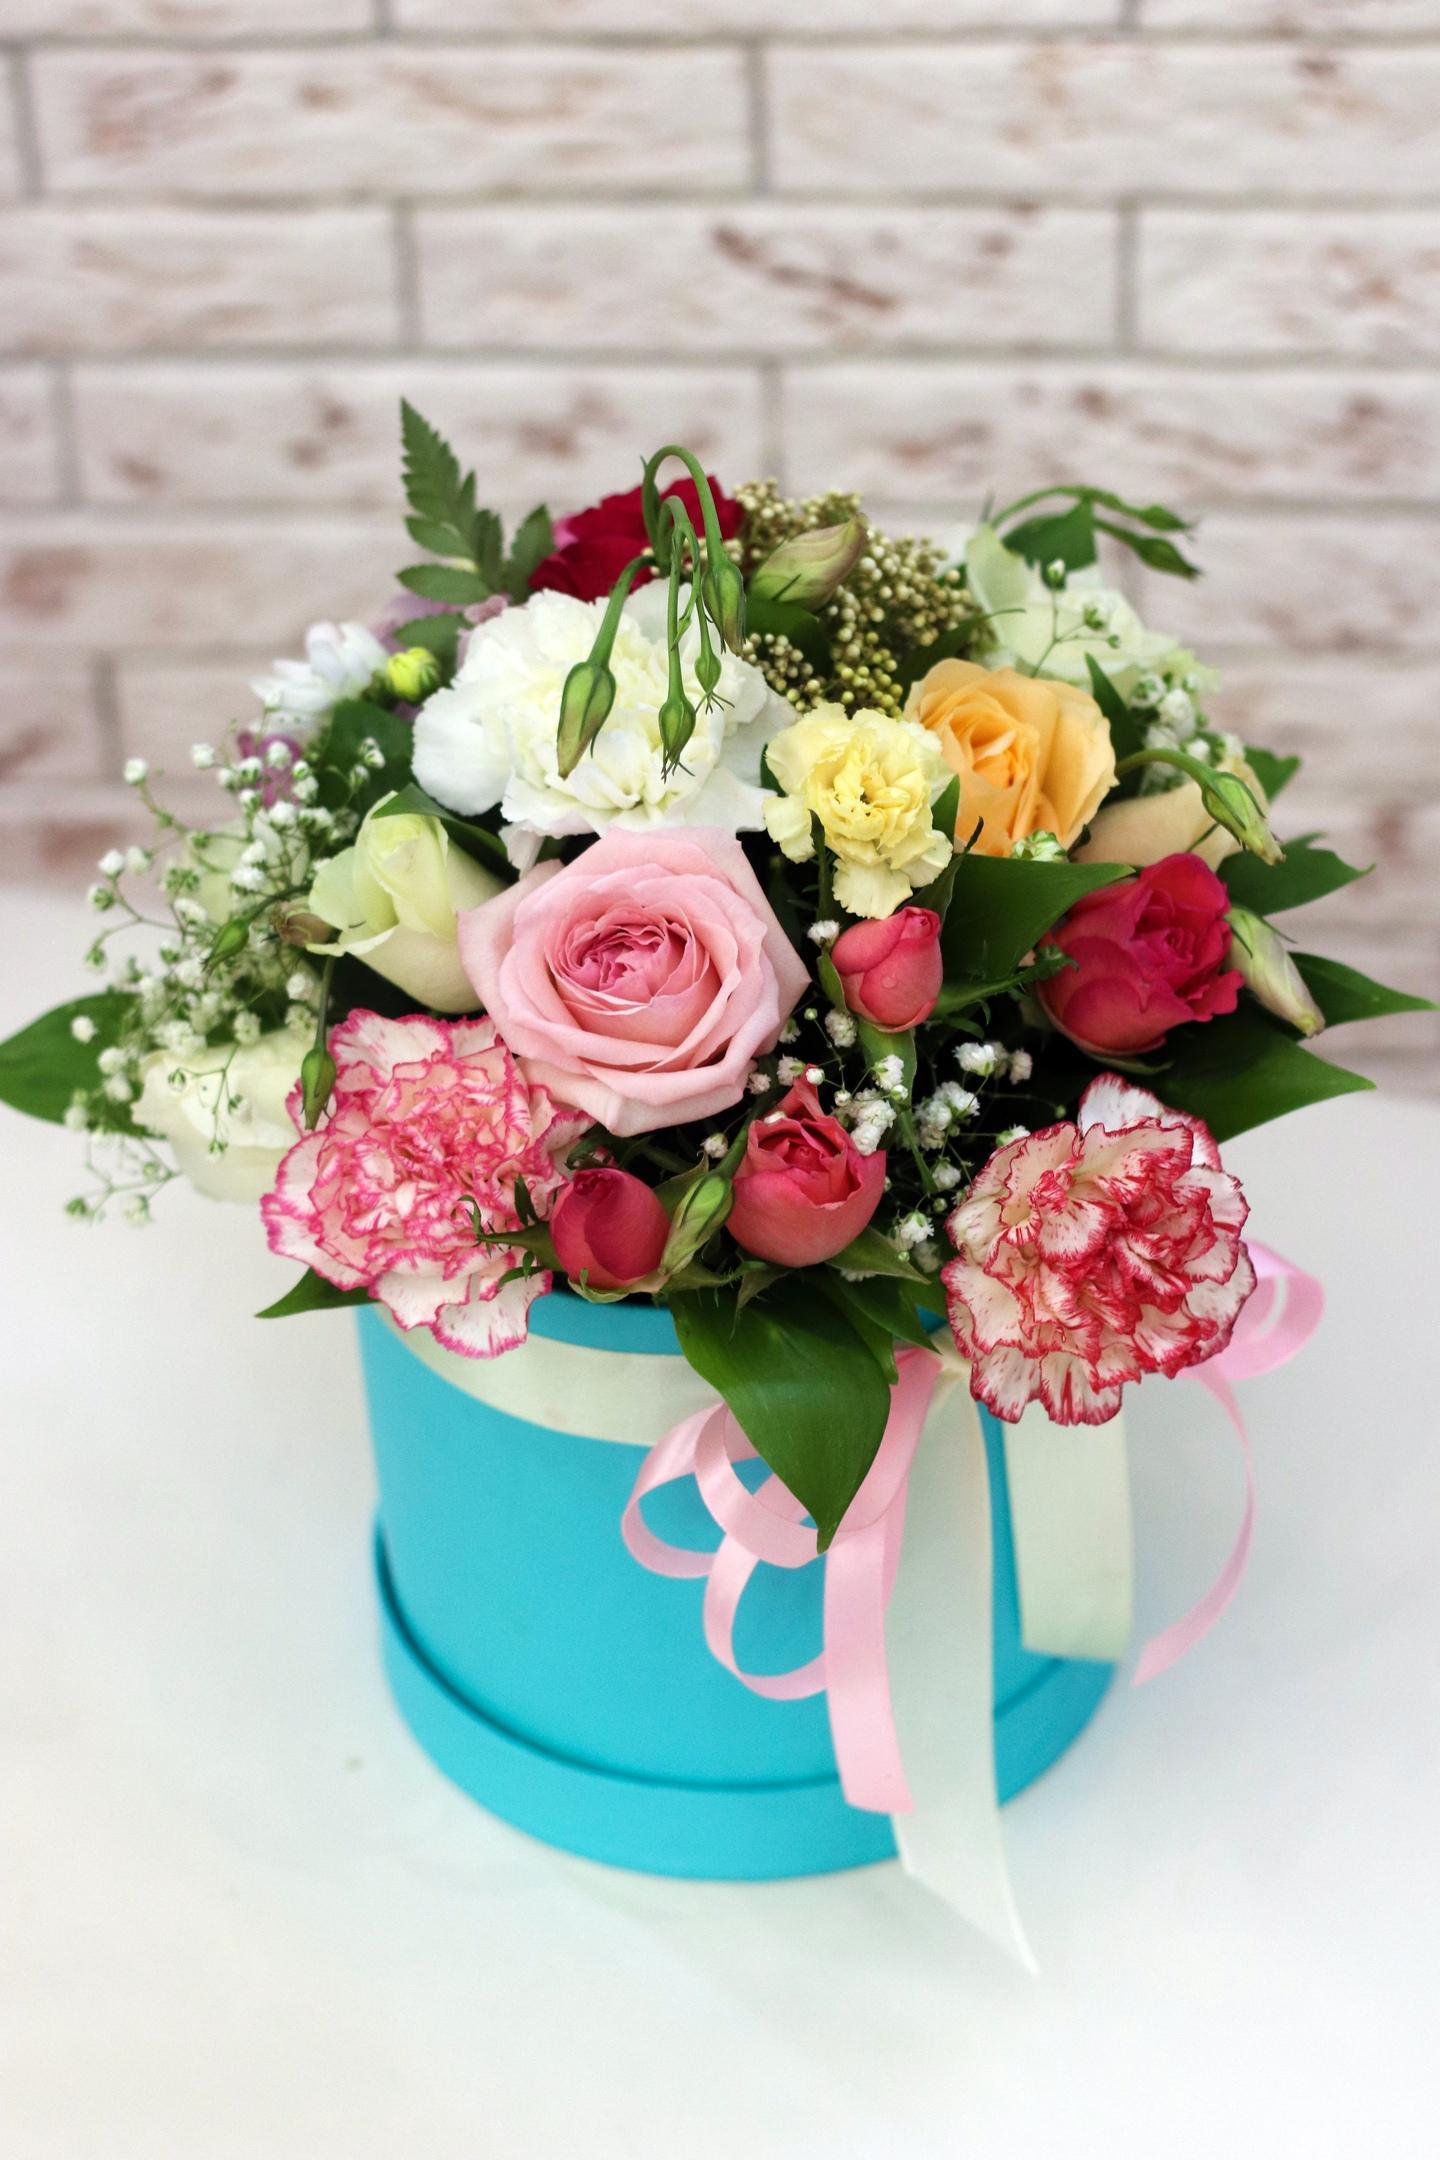 Заказ цветов уфа с доставкой москва недорого, цветов